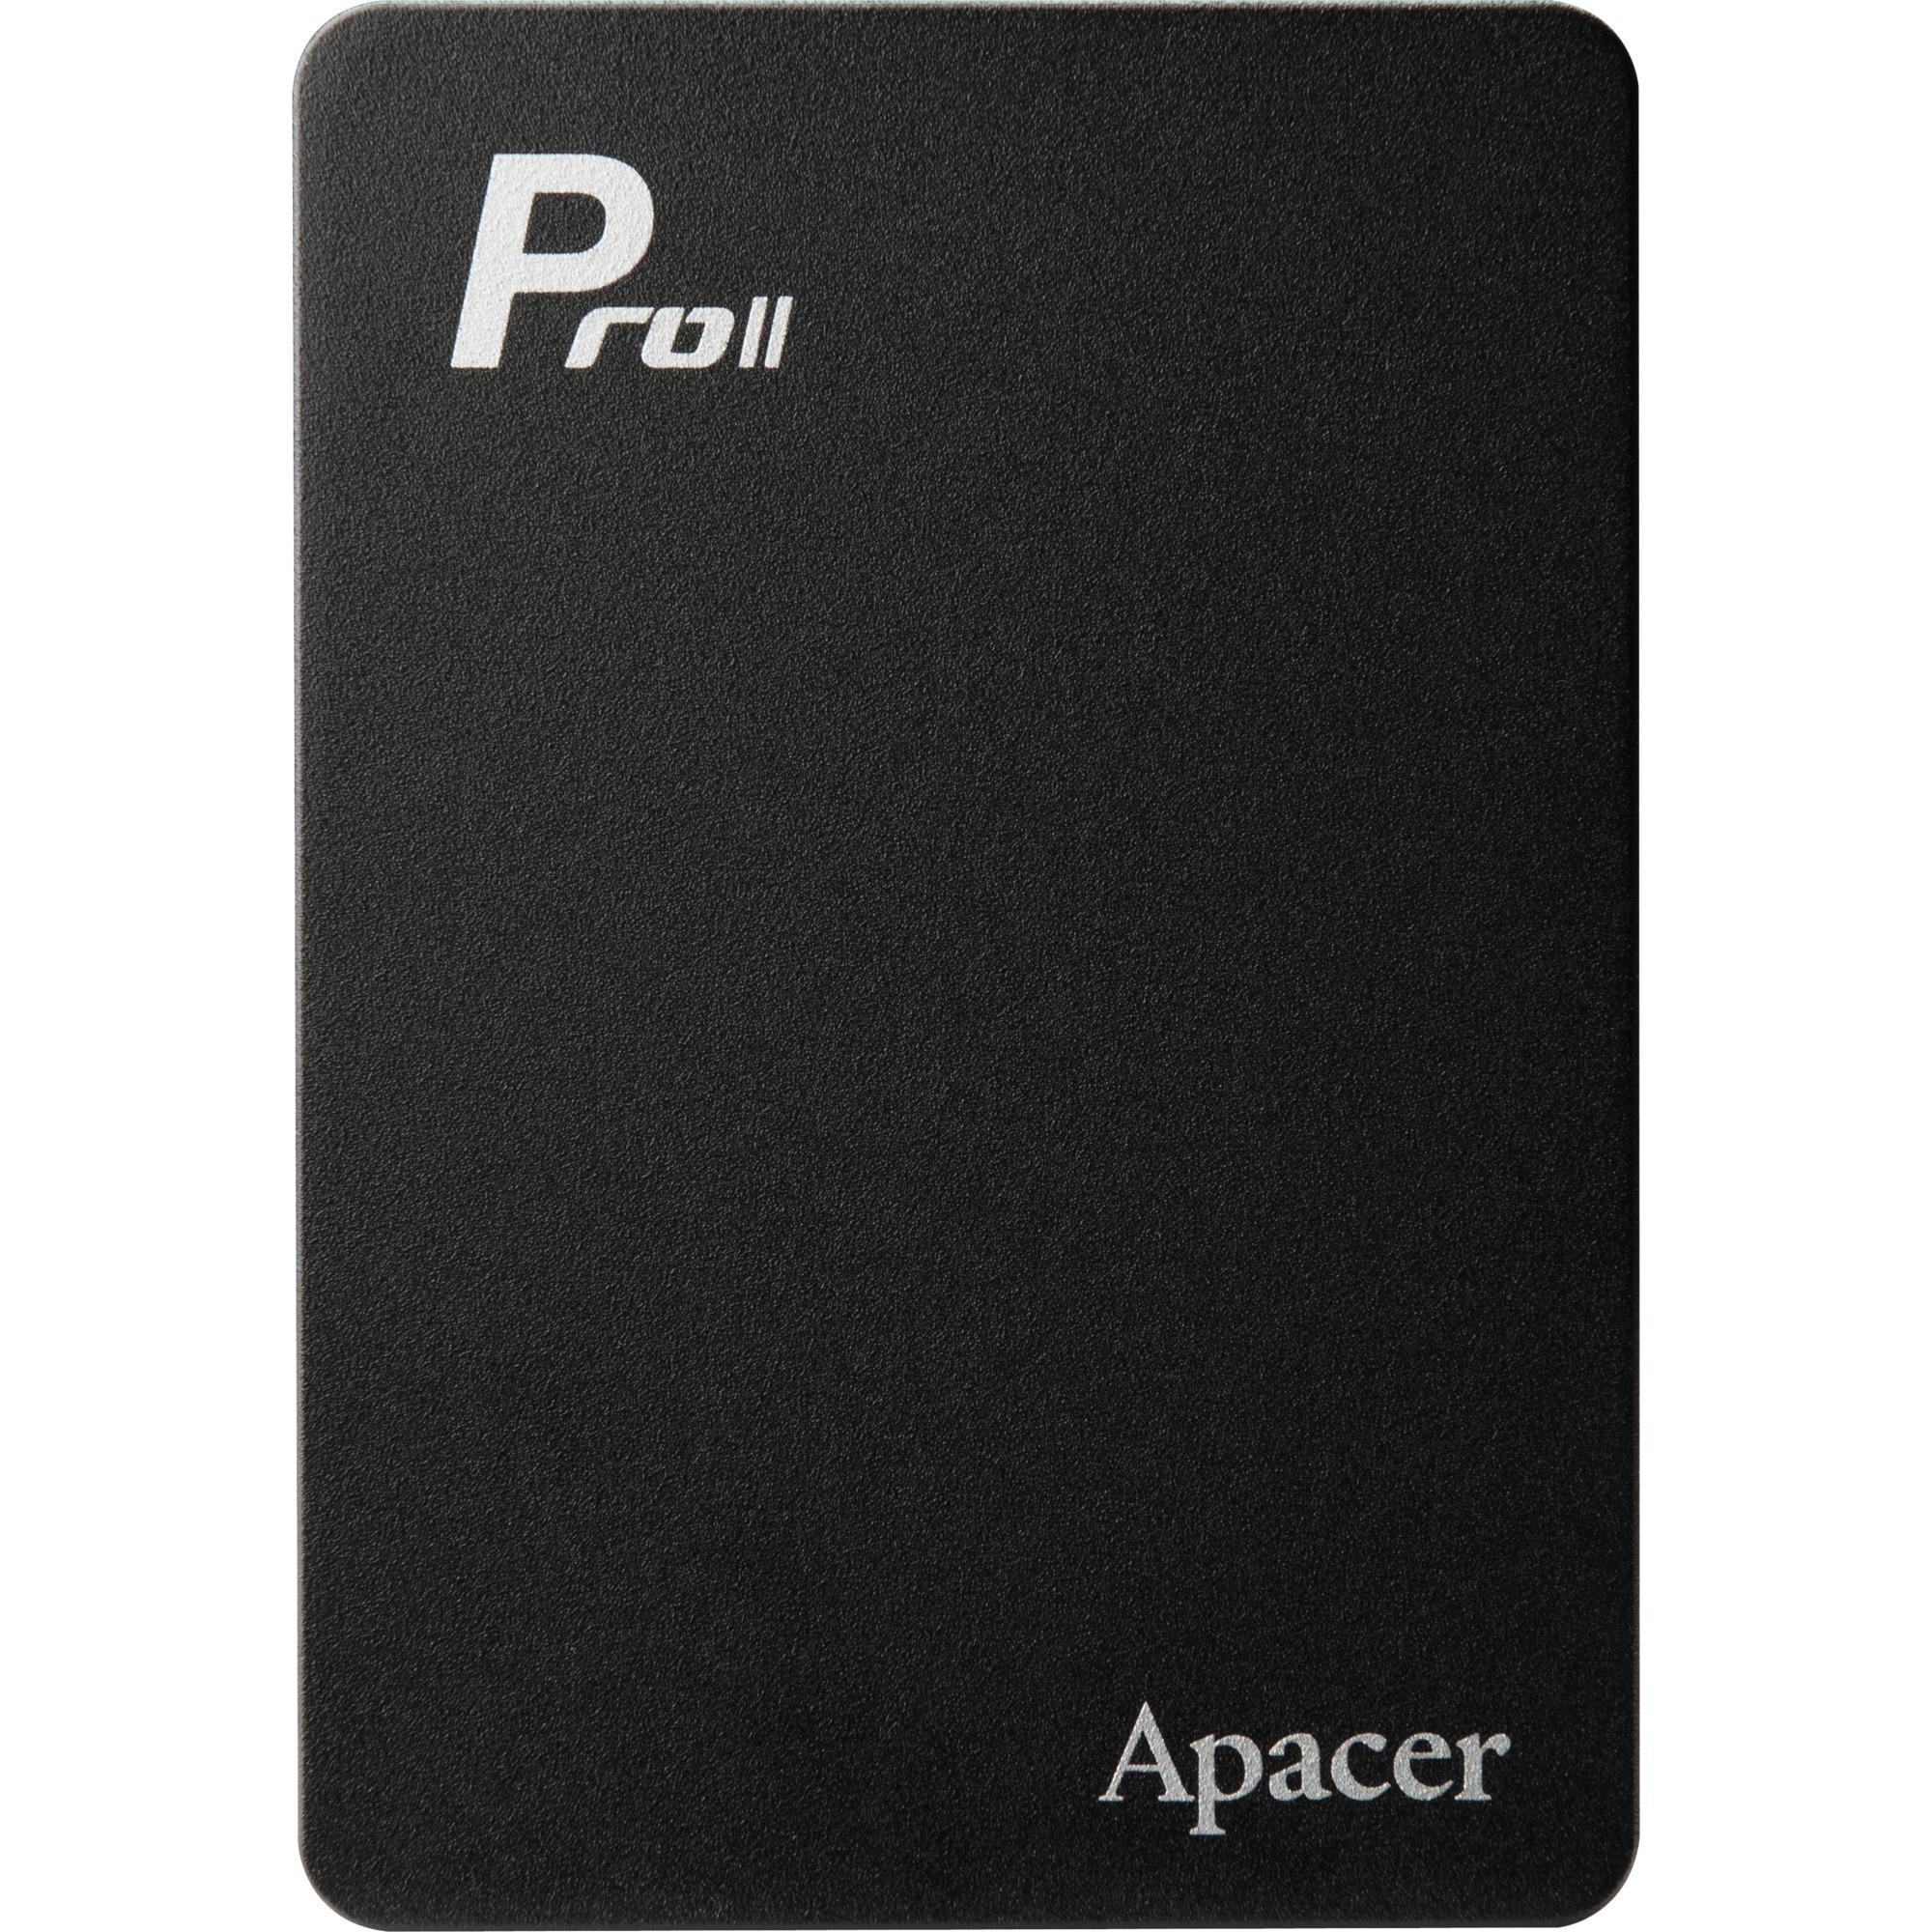 AS510S 128 GB, Unidad de estado sólido